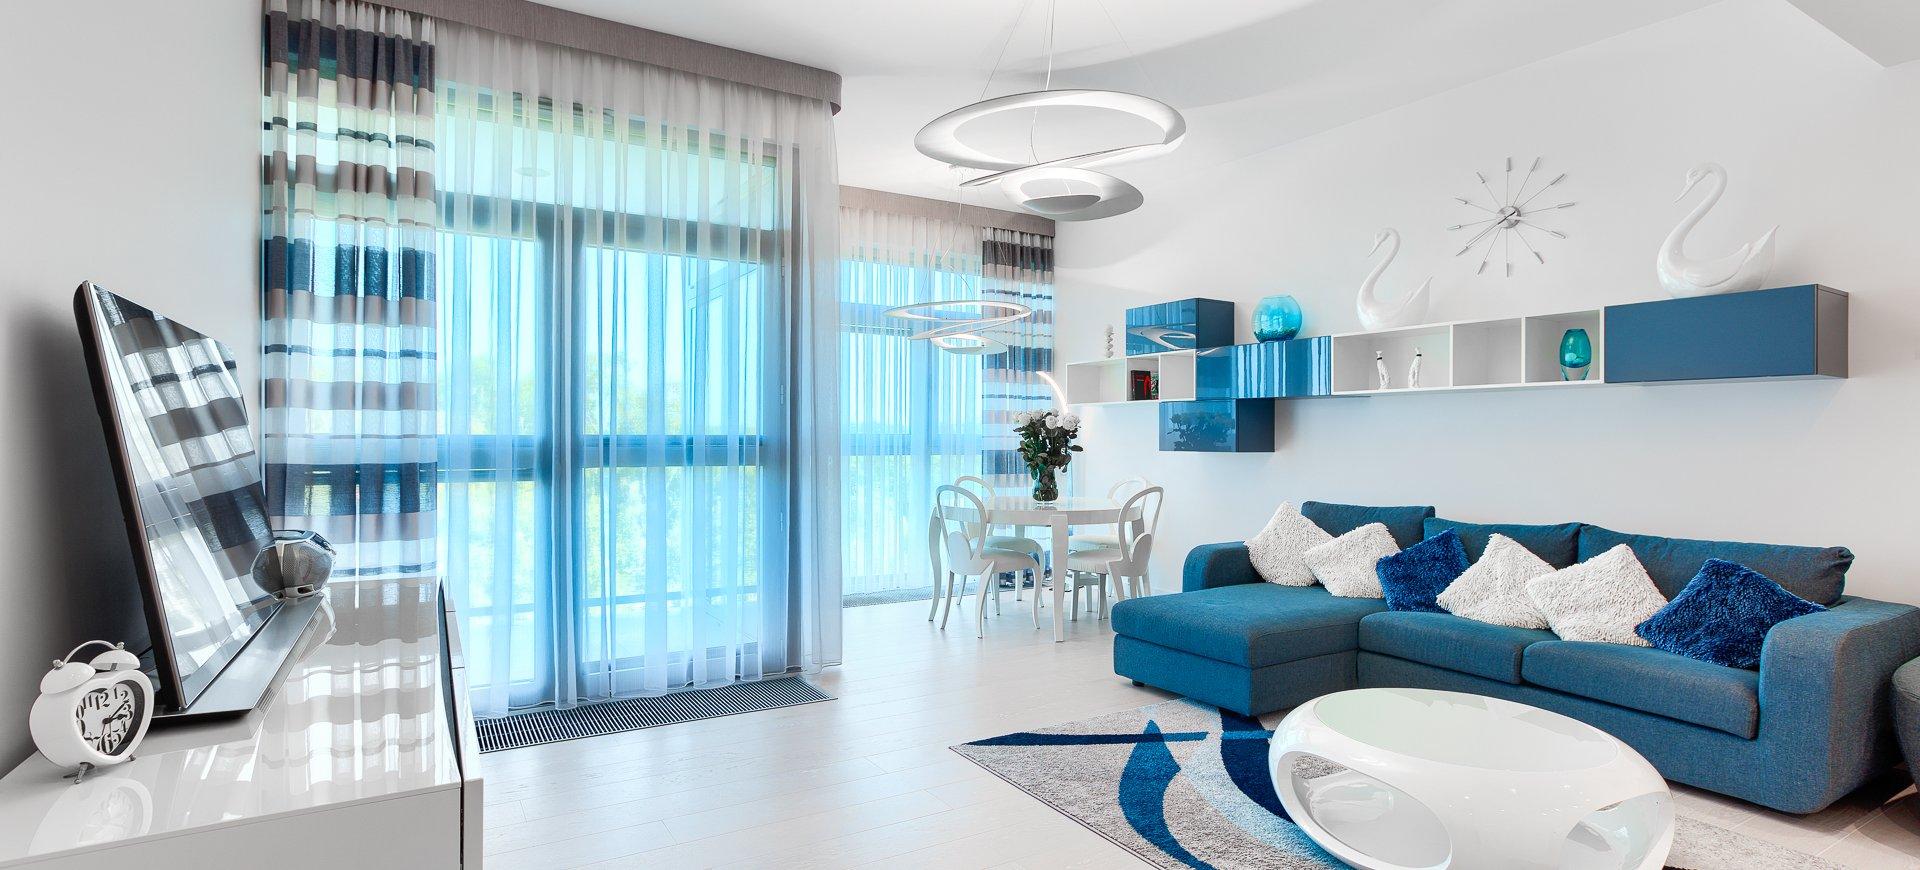 Apartament z 1 sypialnią 4.03 A z widokiem na morze